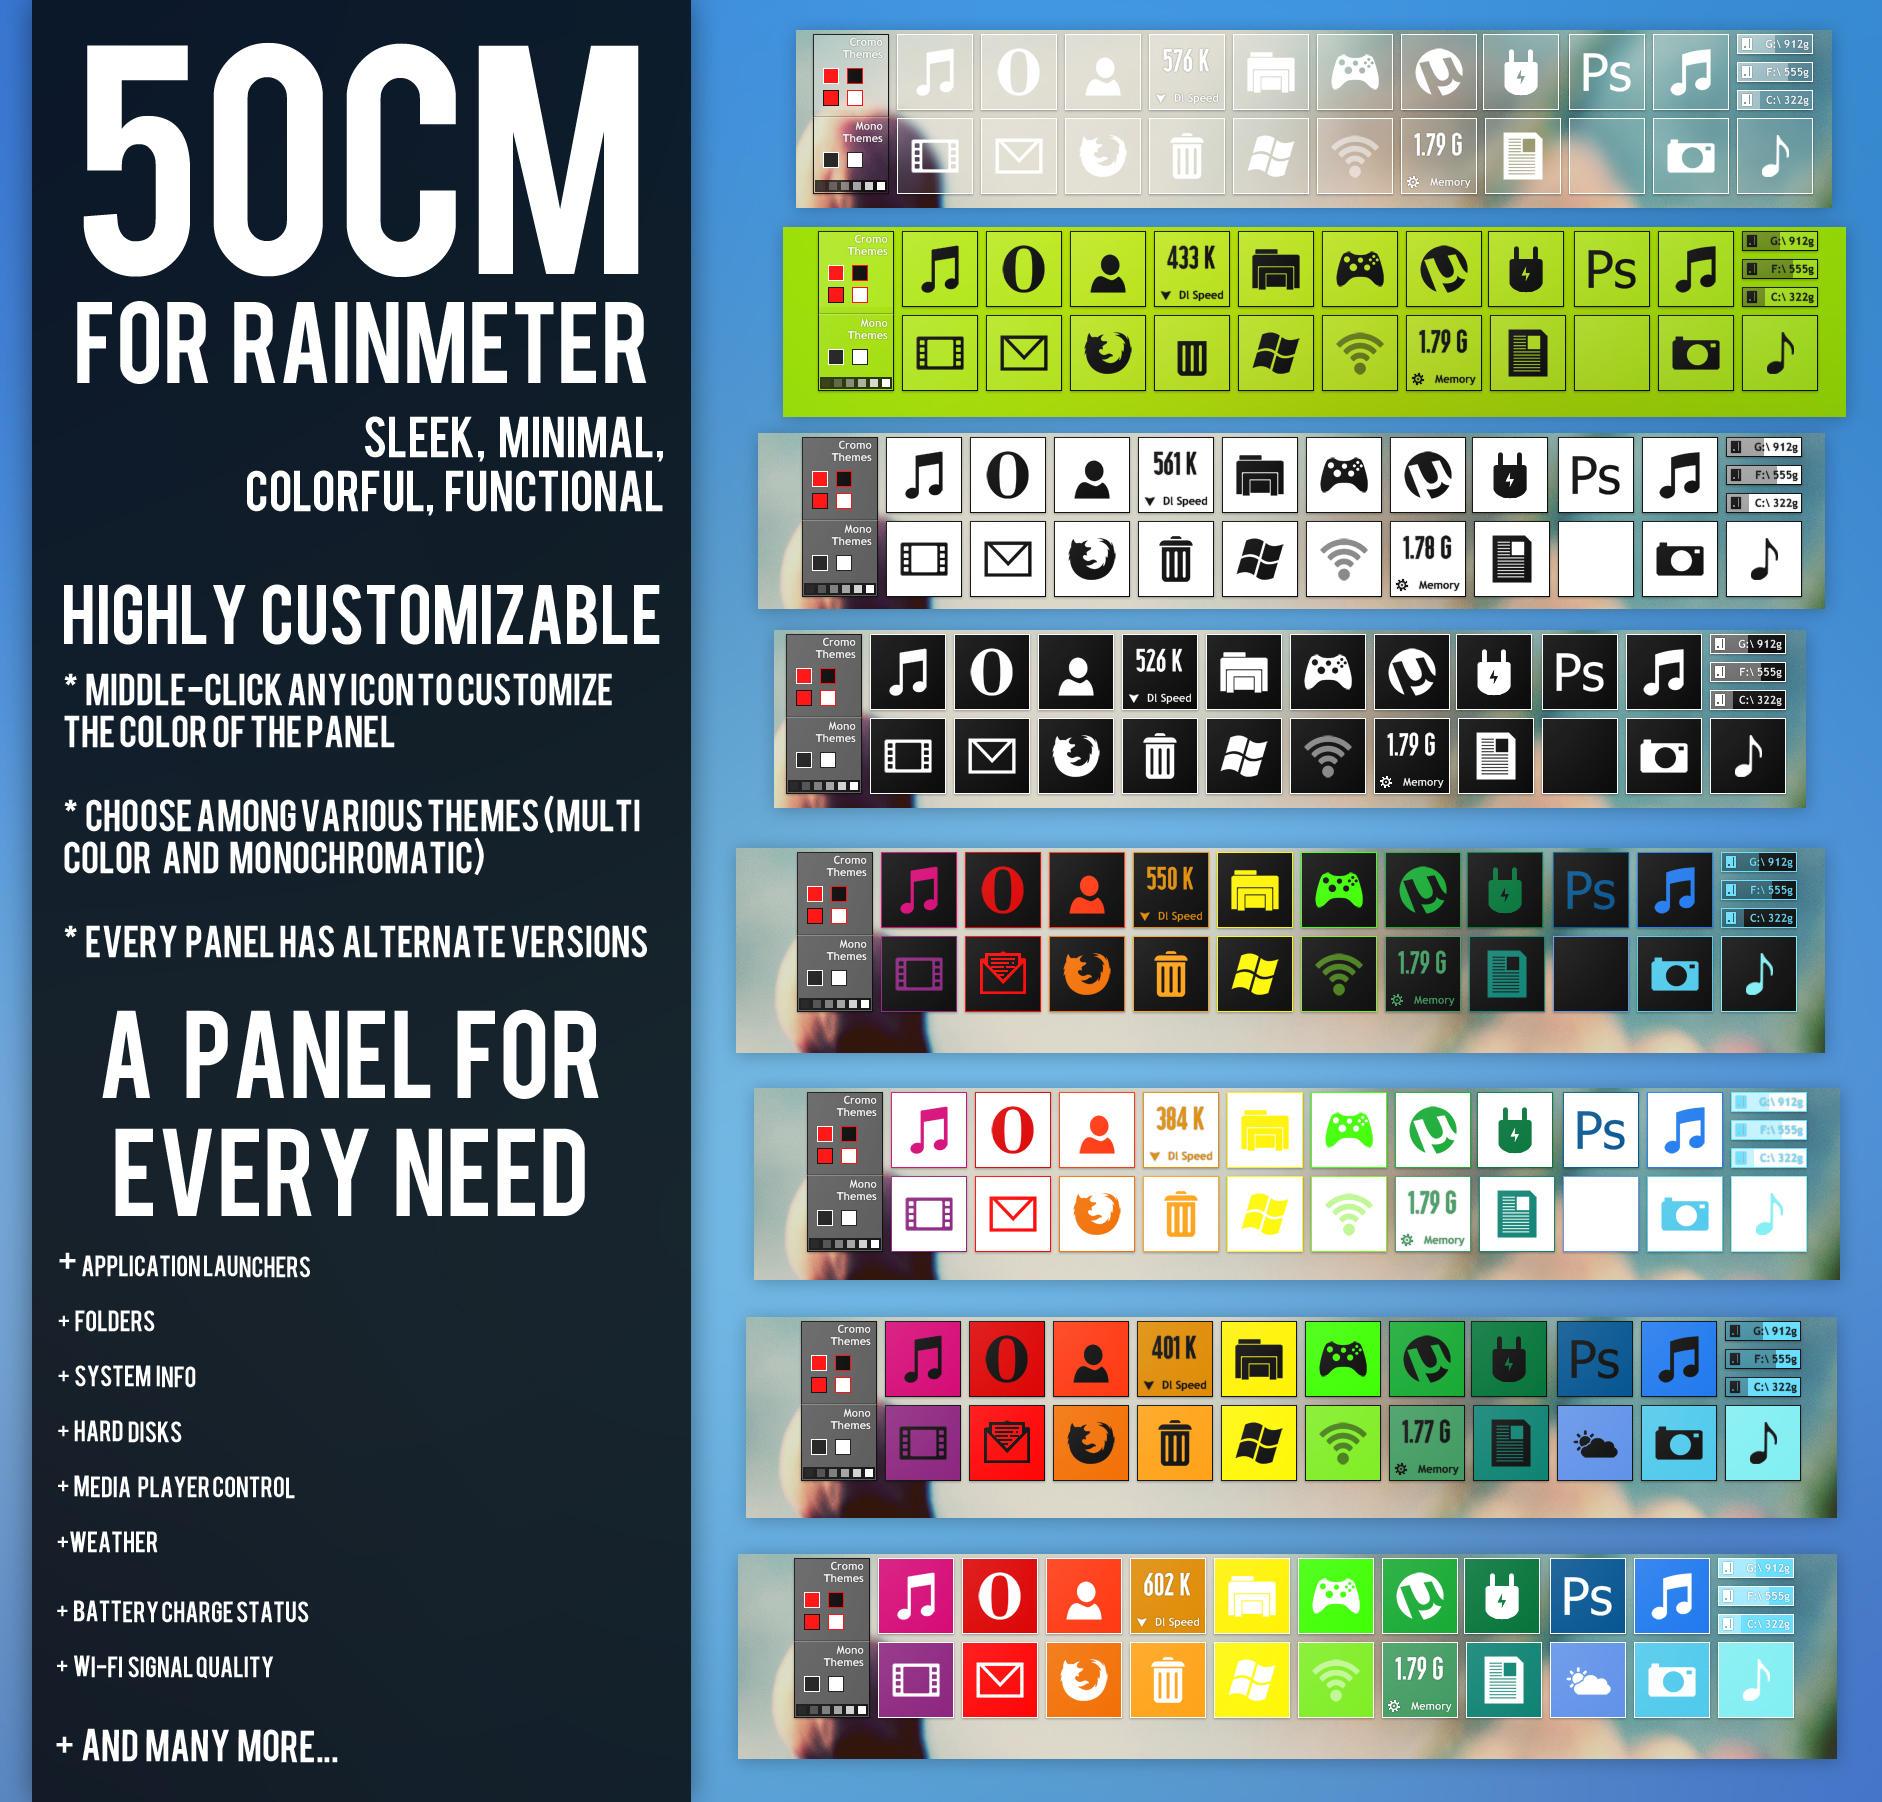 50CM for Rainmeter by Dariosuper